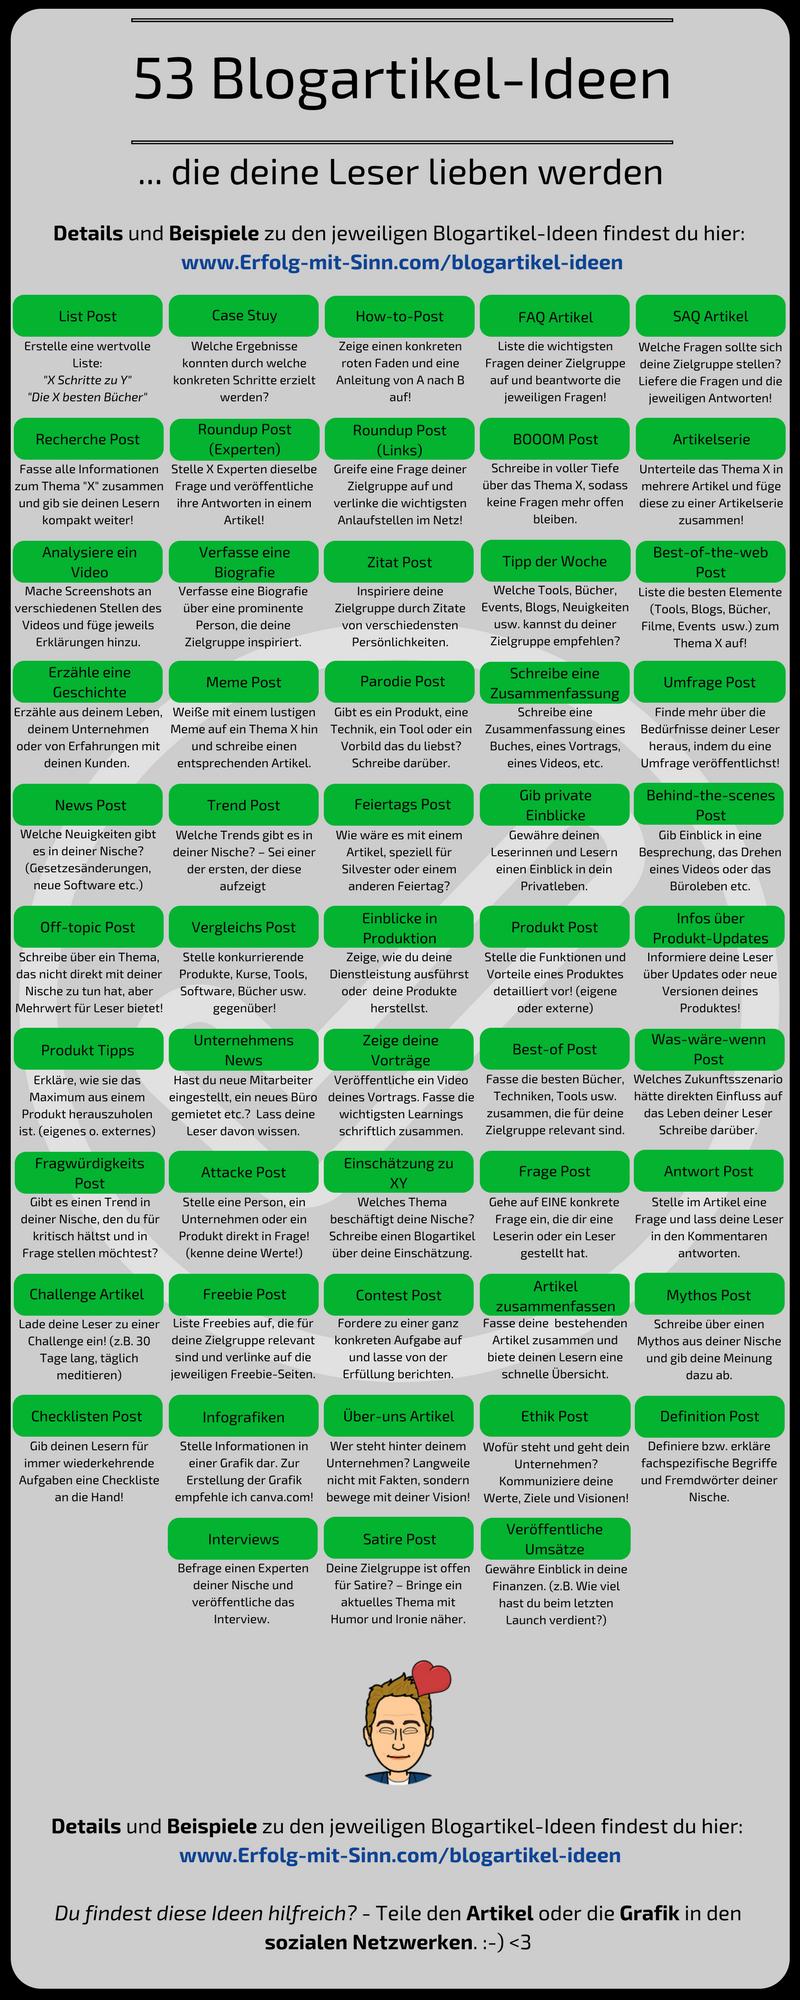 """""""53 Blogartikel-Ideen, die deine Leser lieben werden""""! - Damit wir Blogleser immer mit hervorragenden Inhalten versorgen können und immer genügend Ideen für neue Artikel haben.  :-)"""